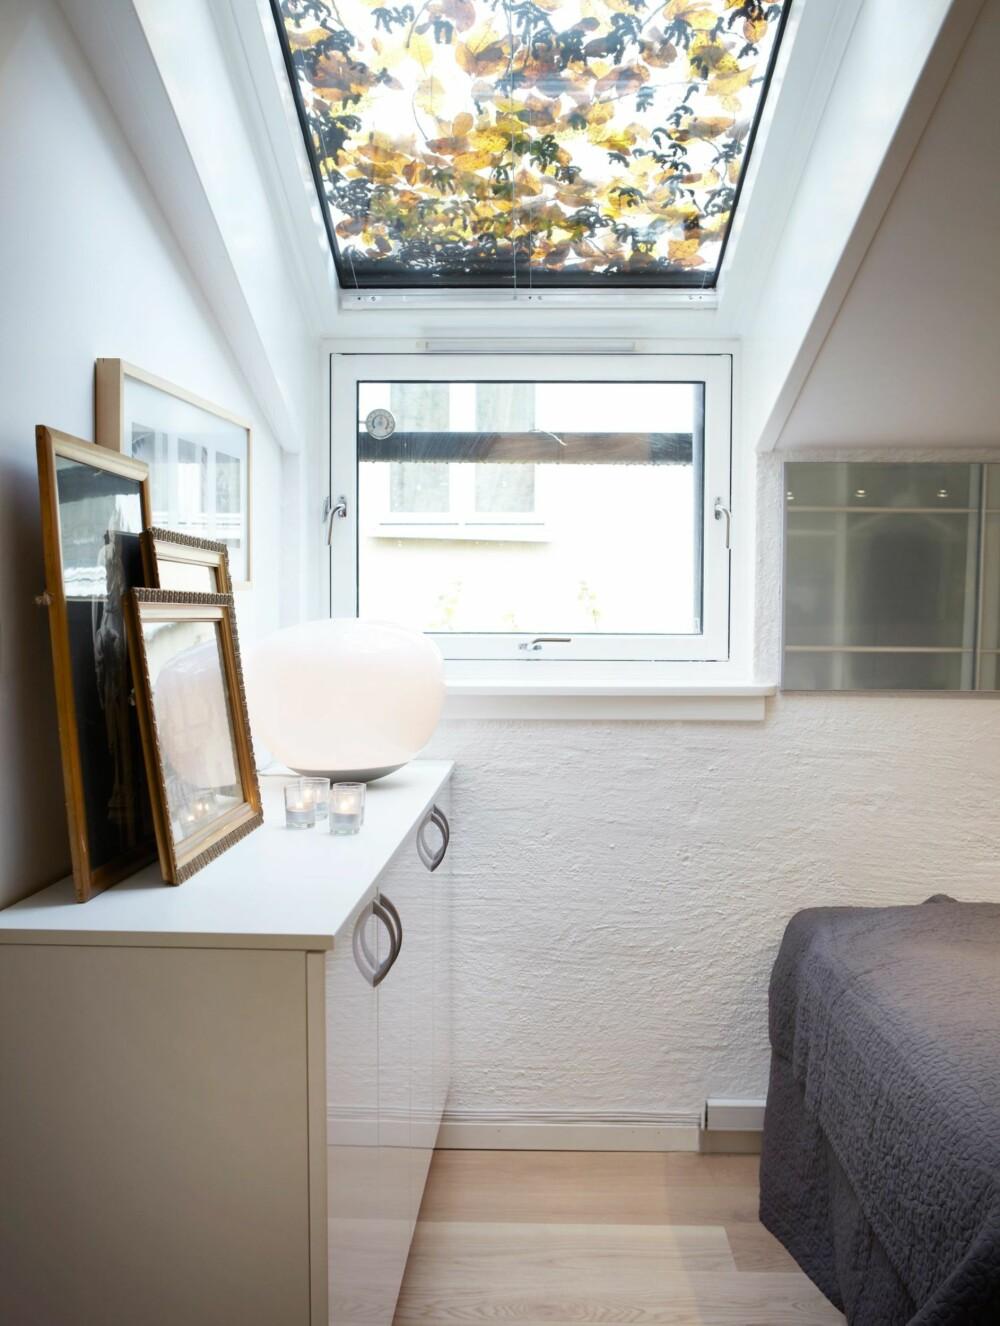 HØYT OPPE: Vinduene på soverommet er den ene av to dagslyskilder i leiligheten. Også her er det blitt plass til en garderobeskapsdør på veggen. Skapene er 40 cm dype kjøkkenoverskap. Bildene er kjøpt på bruktmarkedet på Vestkanttorget i Oslo og gjør rommet hjemmekoselig.